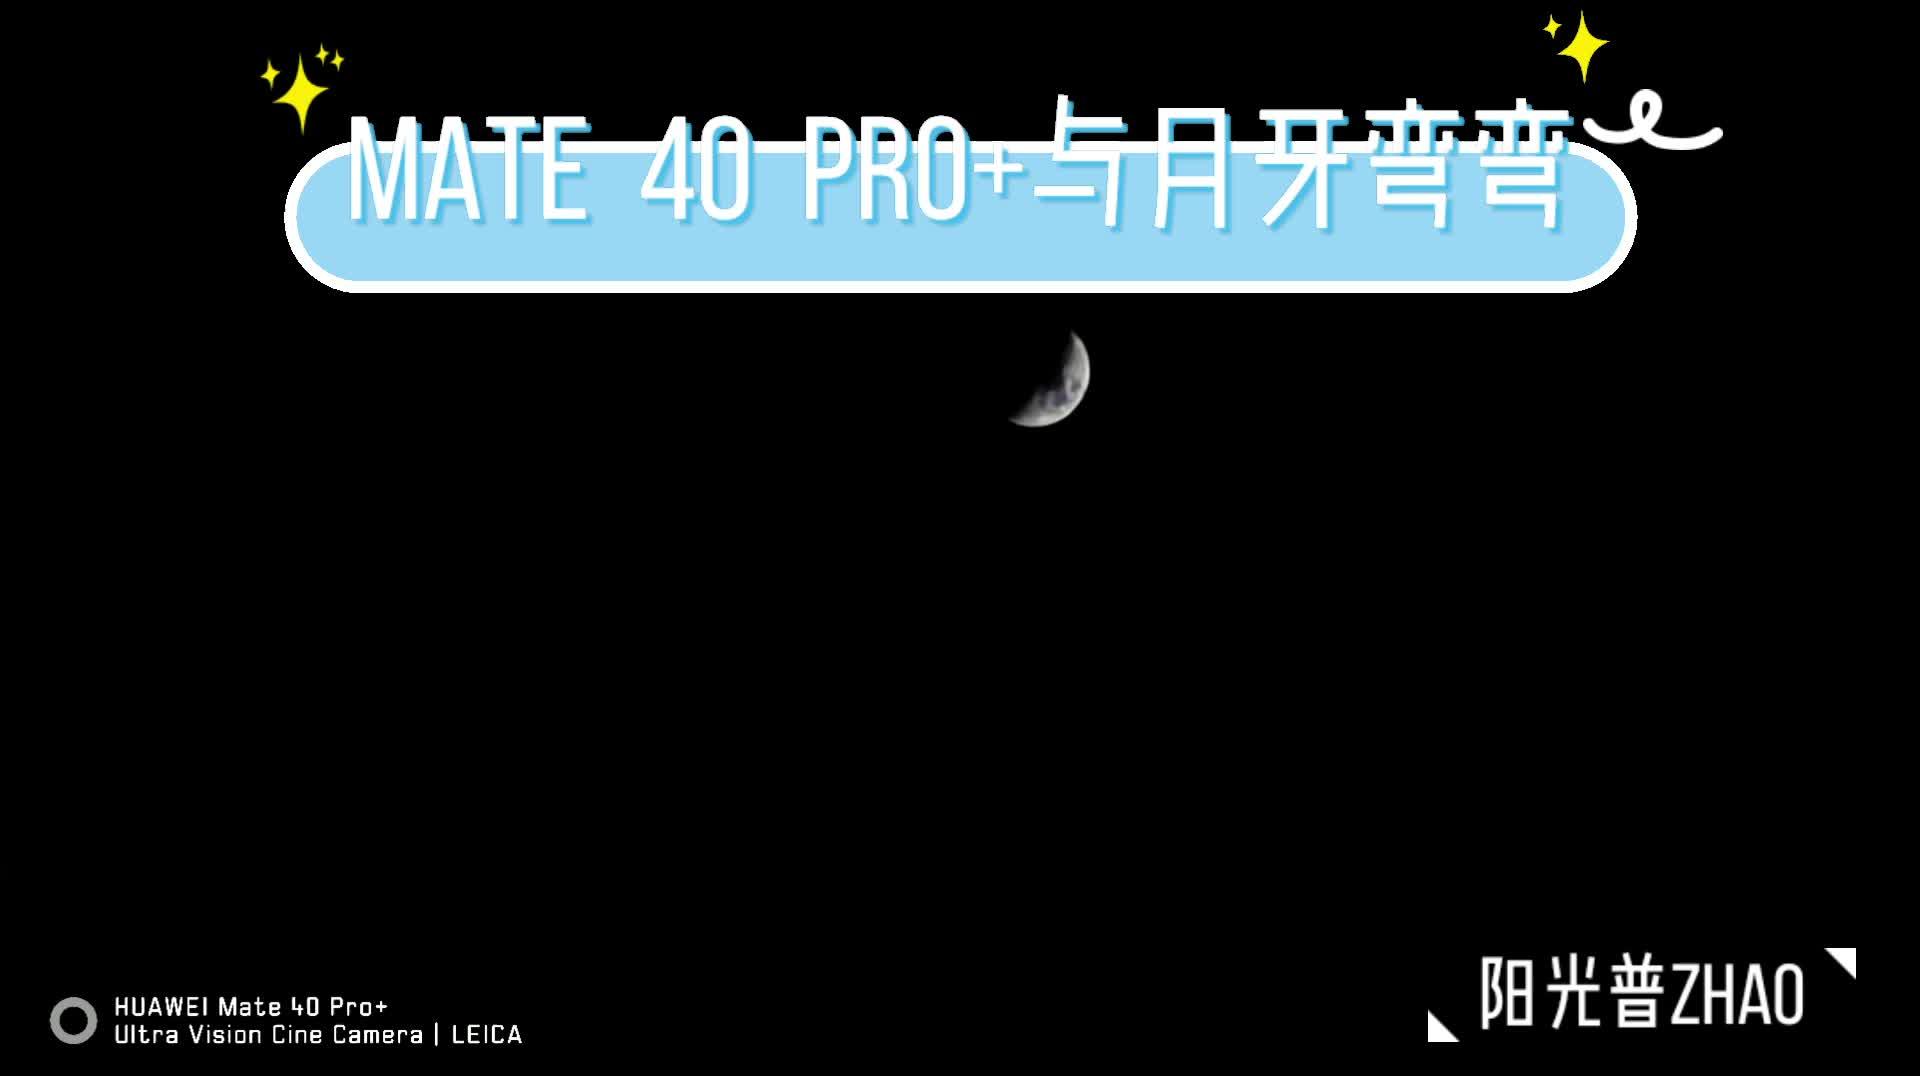 【MATE 40 PRO+】月牙弯弯 赏月亮主题音乐盒,花粉随手拍-花粉俱乐部